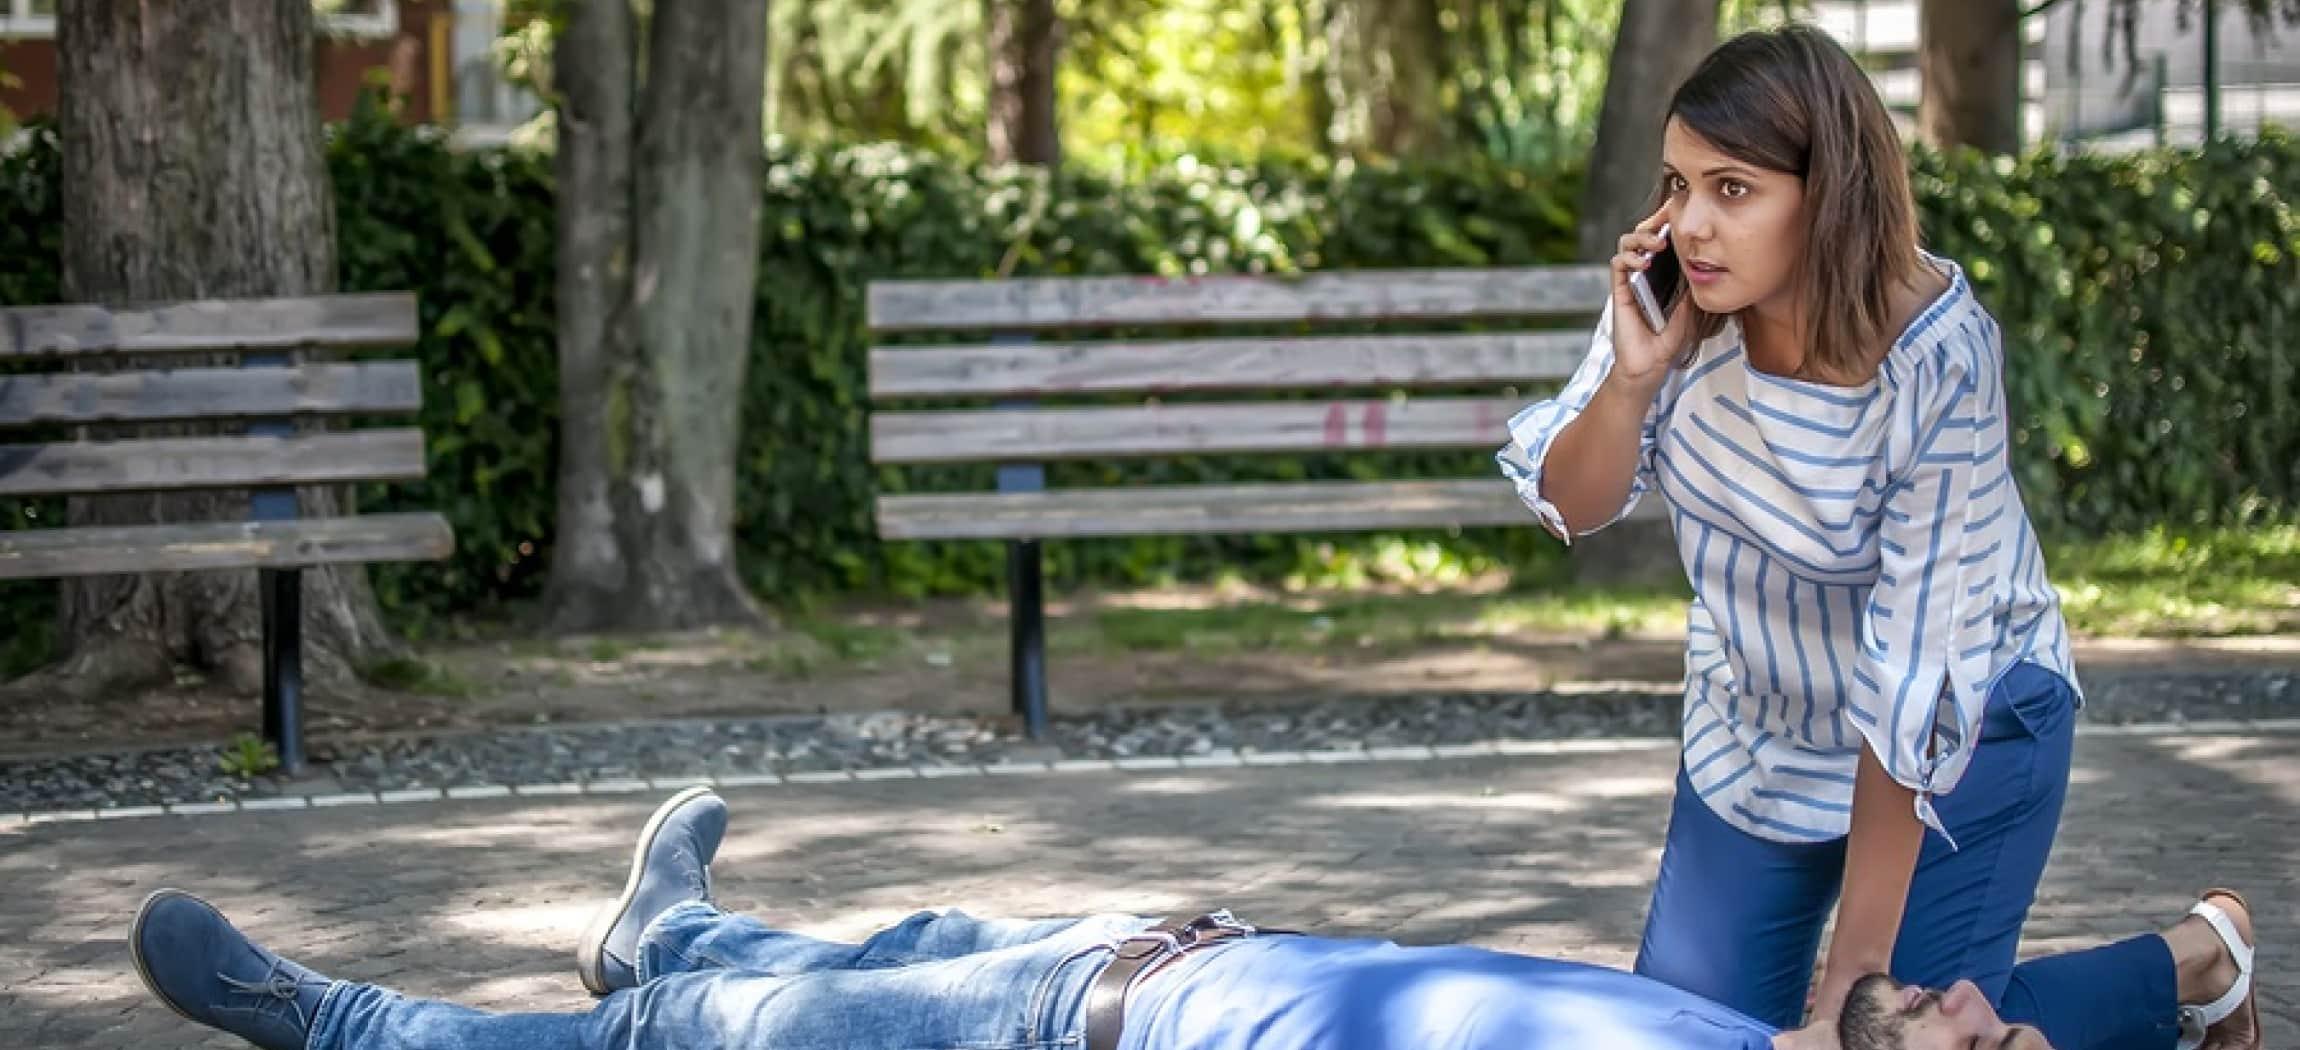 Vrouw knielt bij man die op de grond ligt in een park en ze belt met haar mobiele telefoon